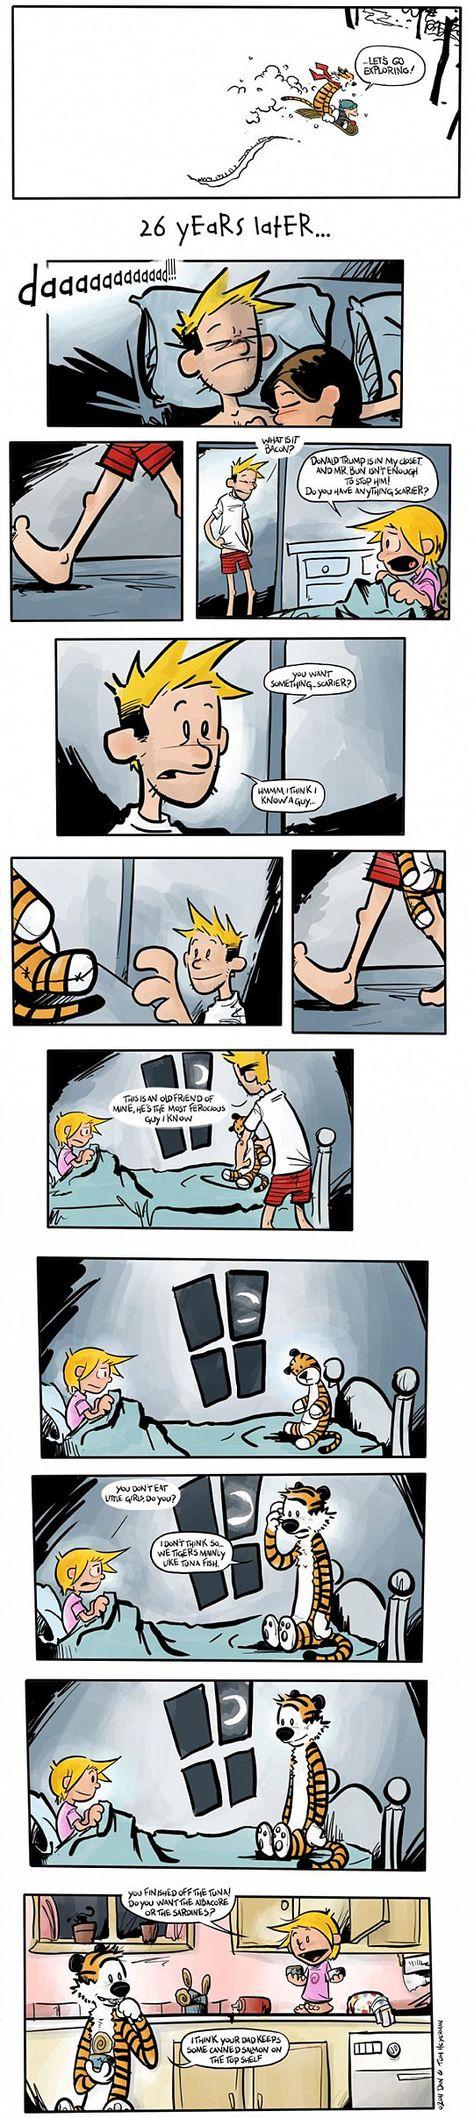 Calvin all grown up